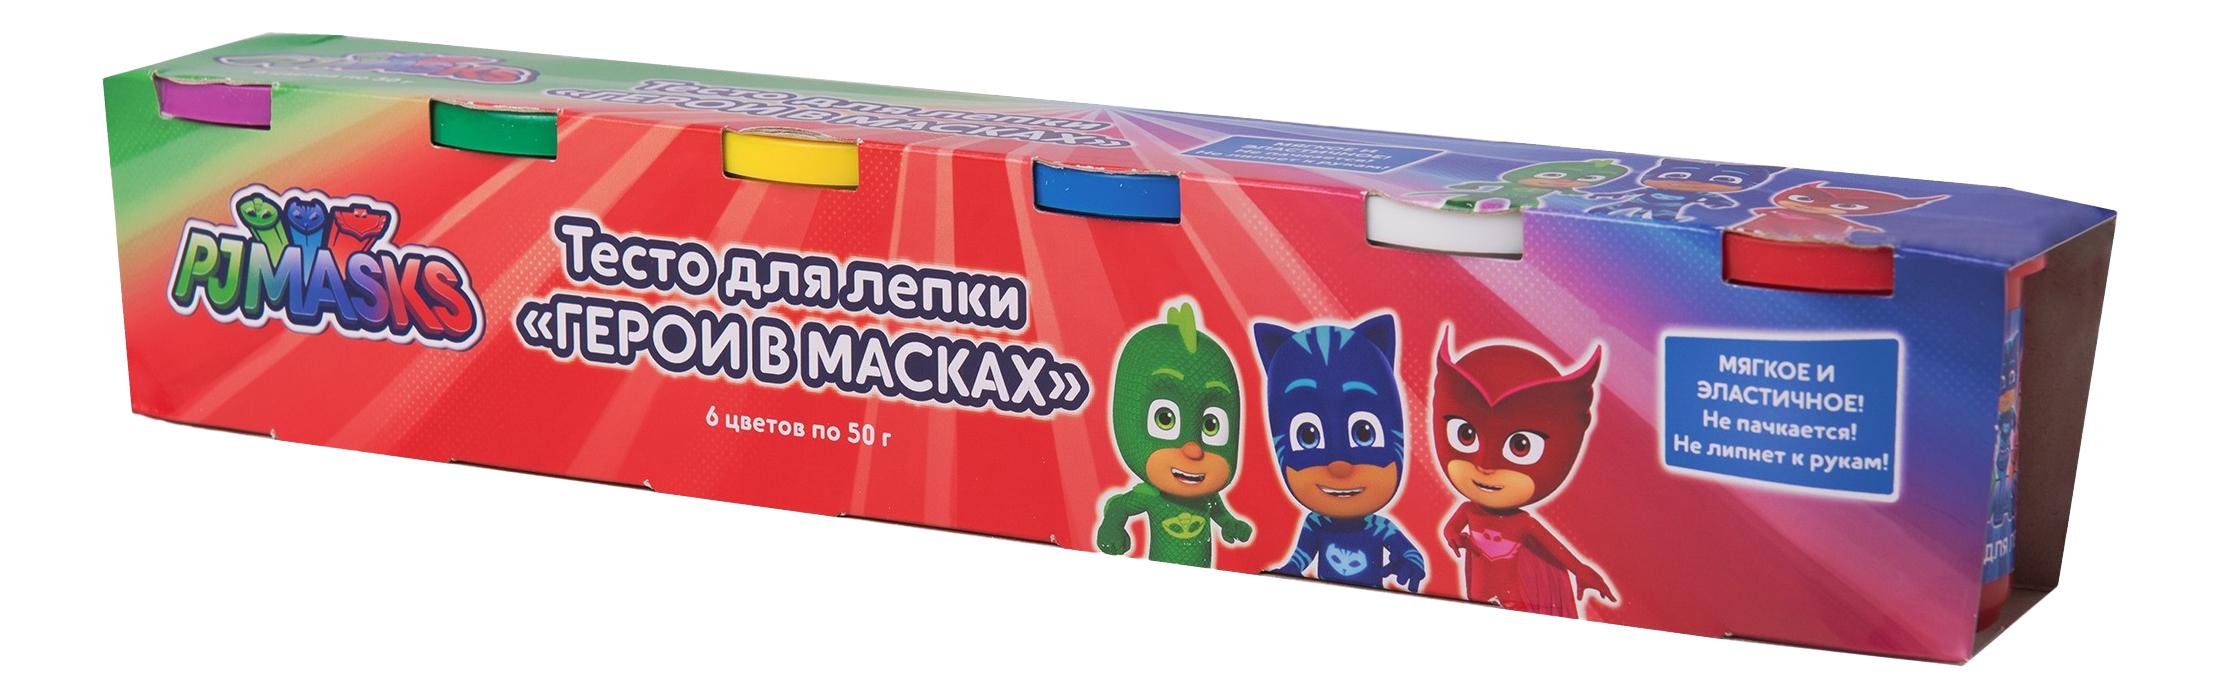 Паста для лепки PJ Masks 6 цветов, Росмэн, Лепка  - купить со скидкой